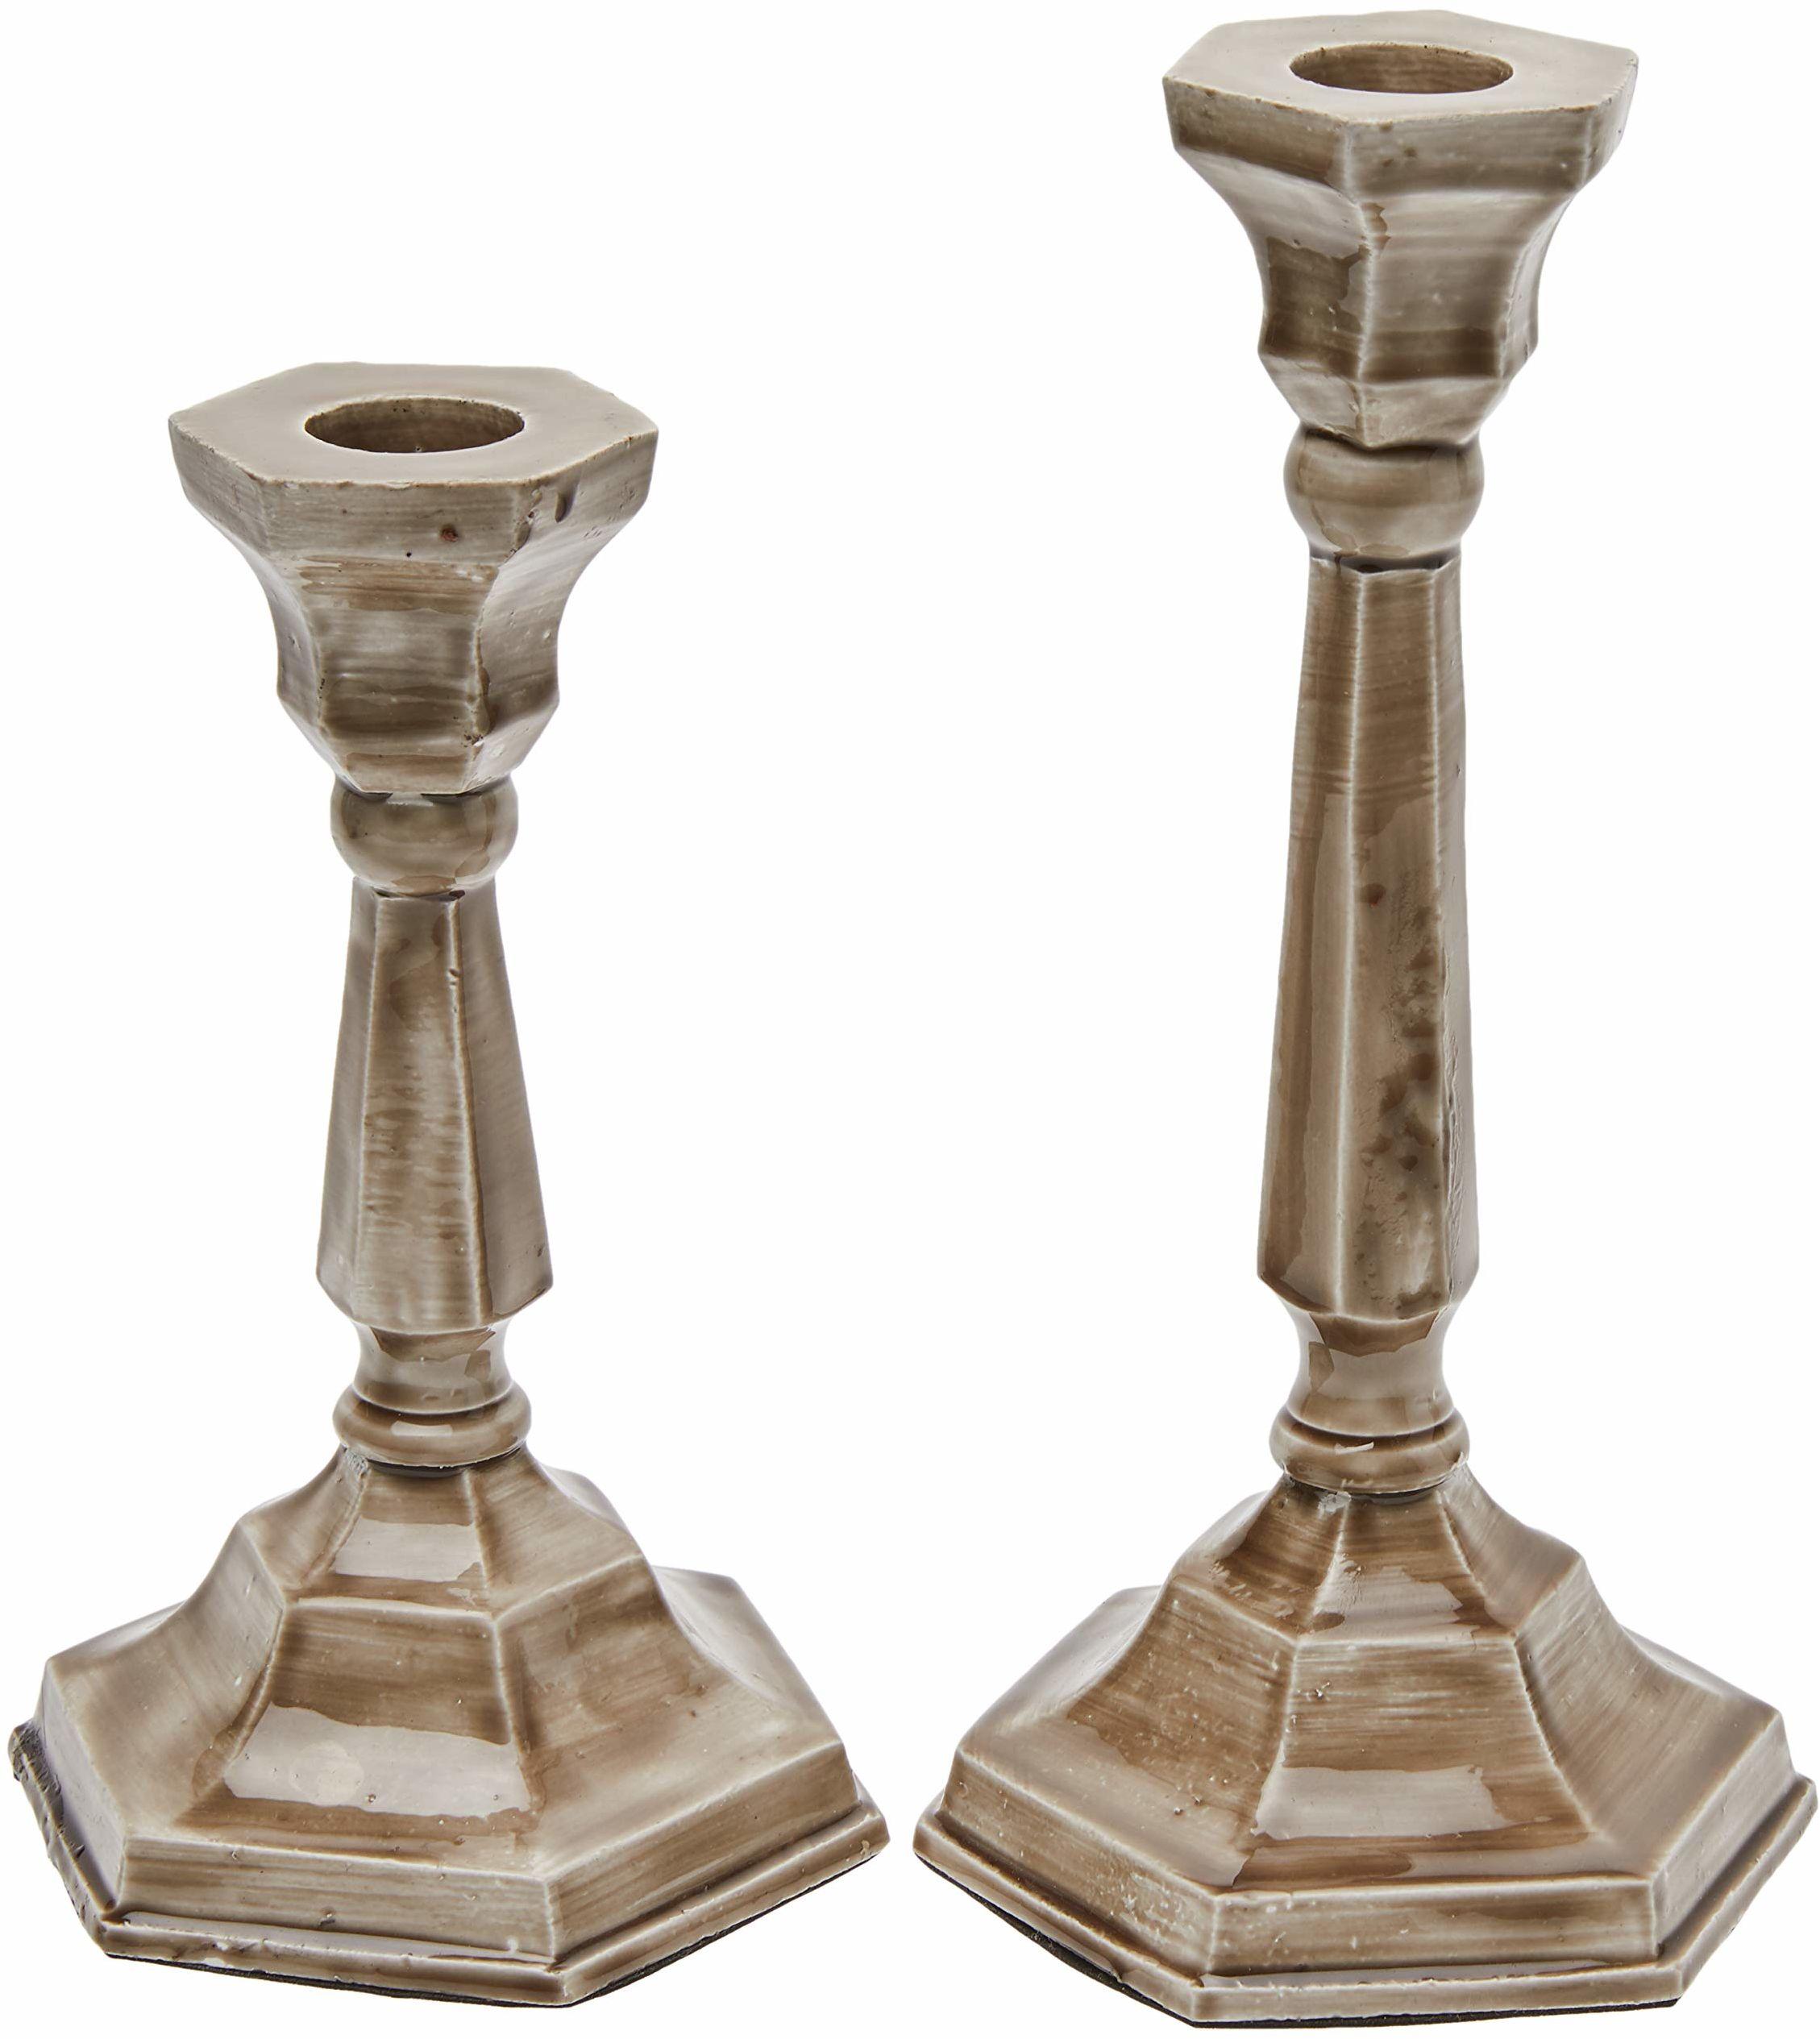 Better & Best świecznik, szary, duży, 9 x 20 cm, 9 x 16 cm, materiał: emaliowany metal, 2 sztuki